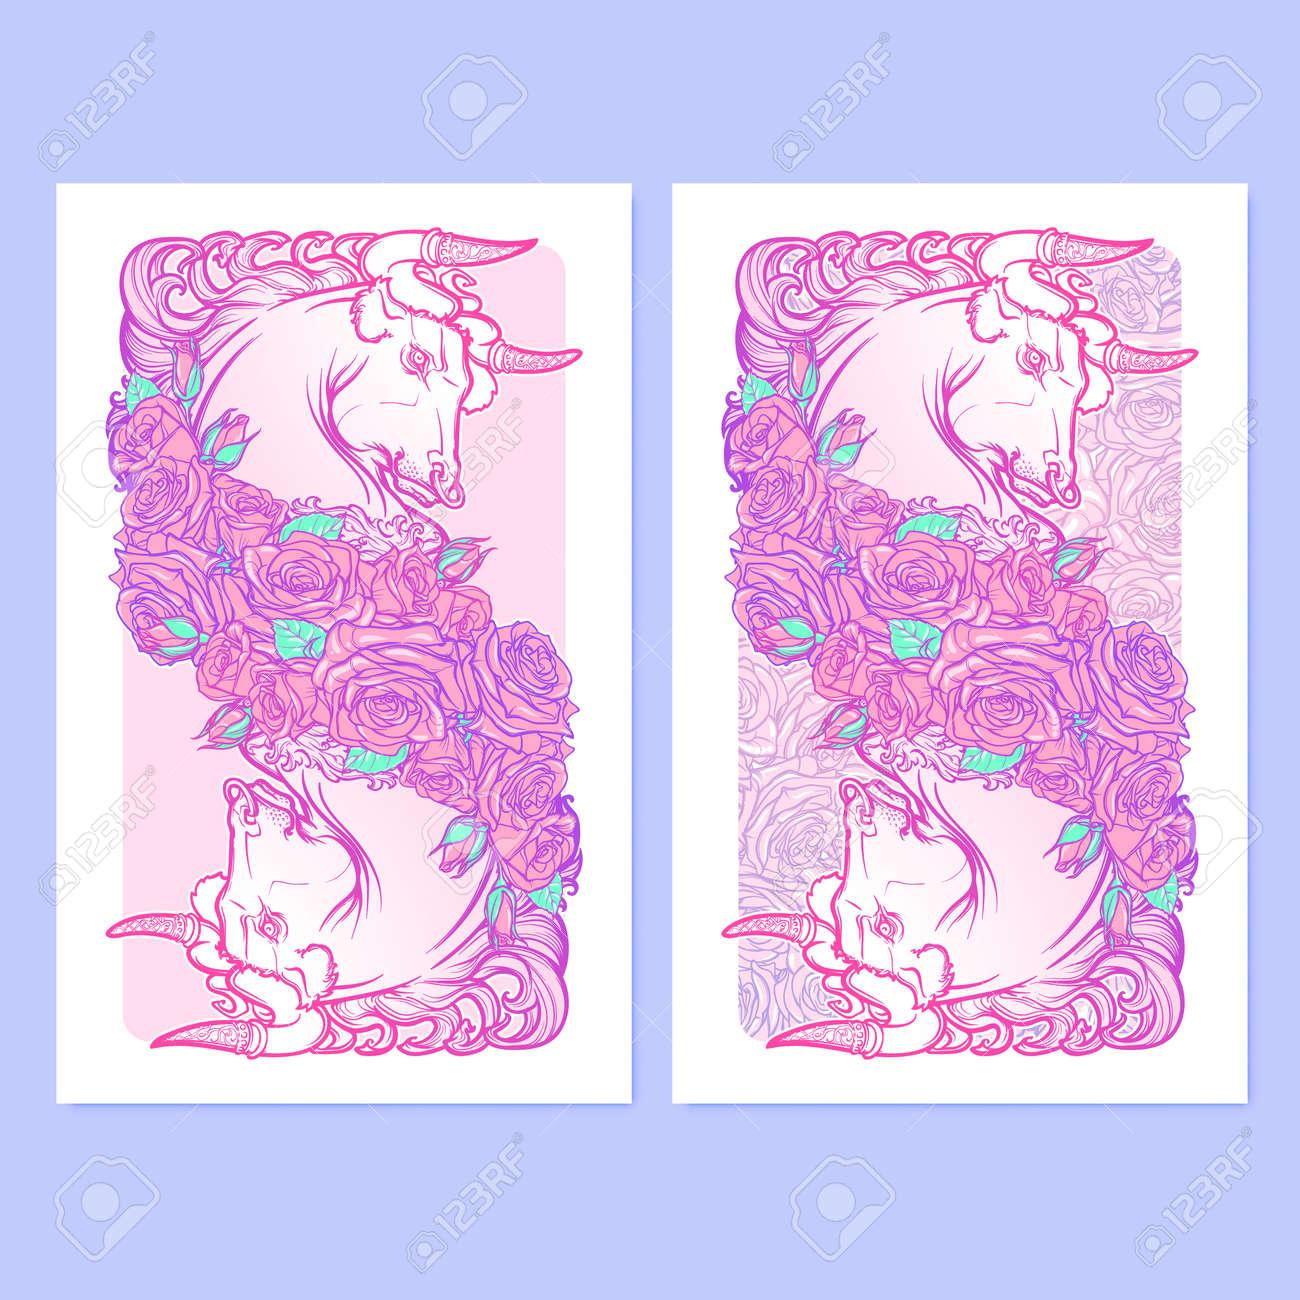 Signe Astrologique Du Taureau Avec Un Cadre Decoratif De Roses